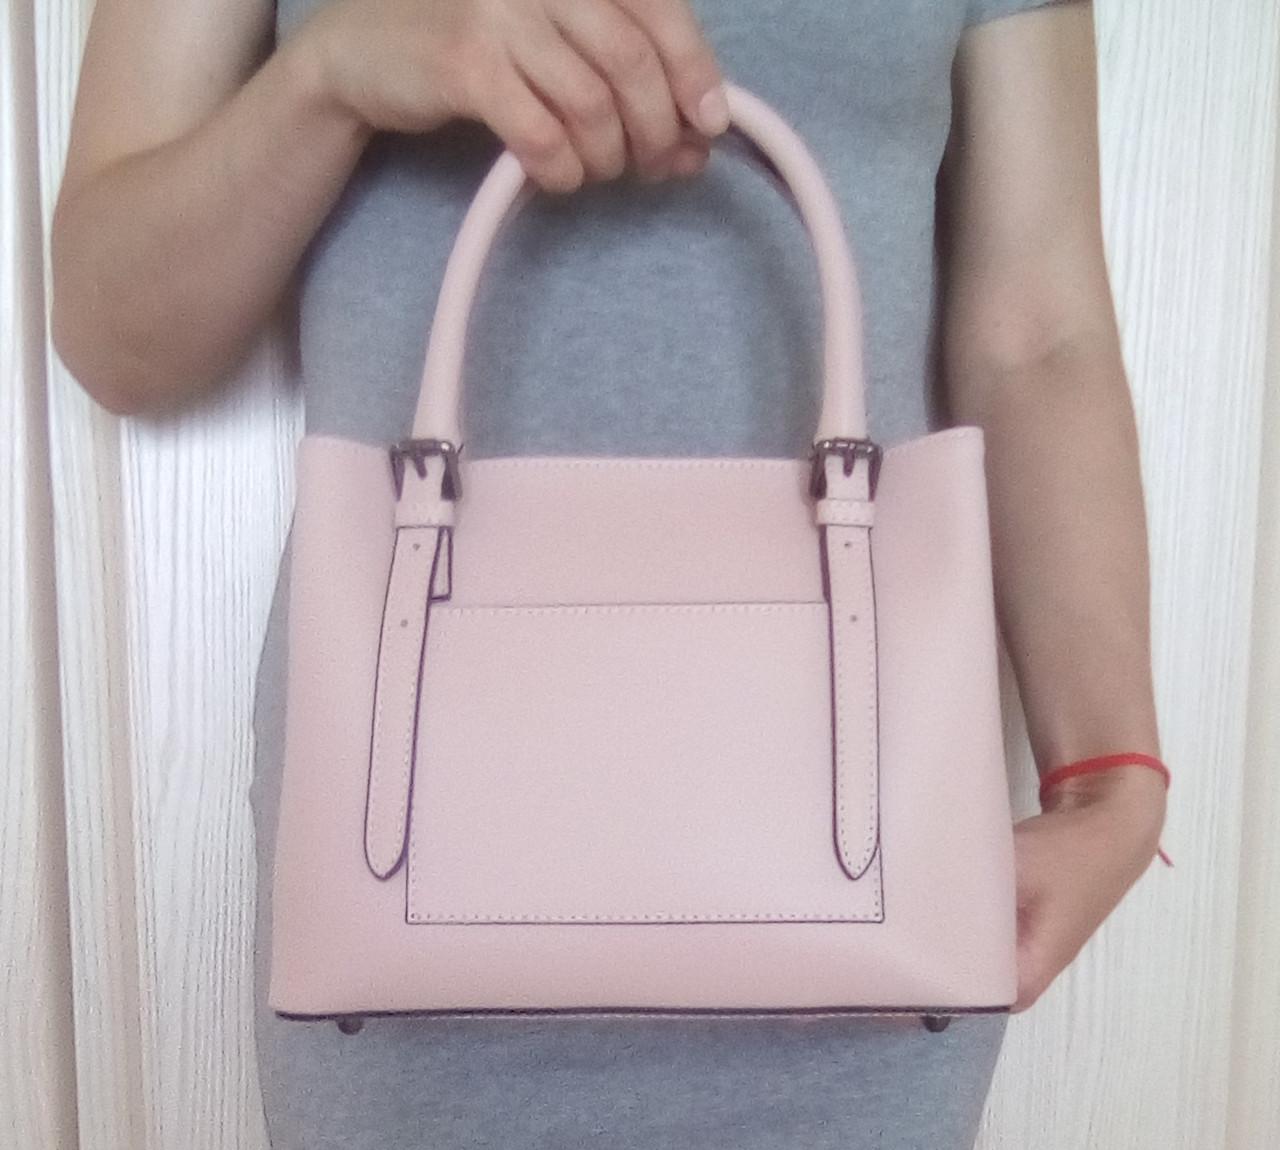 e9572e672d66 Женская кожаная сумка Италия, цвет пудра. - Интернет-магазин сумок и  аксессуаров